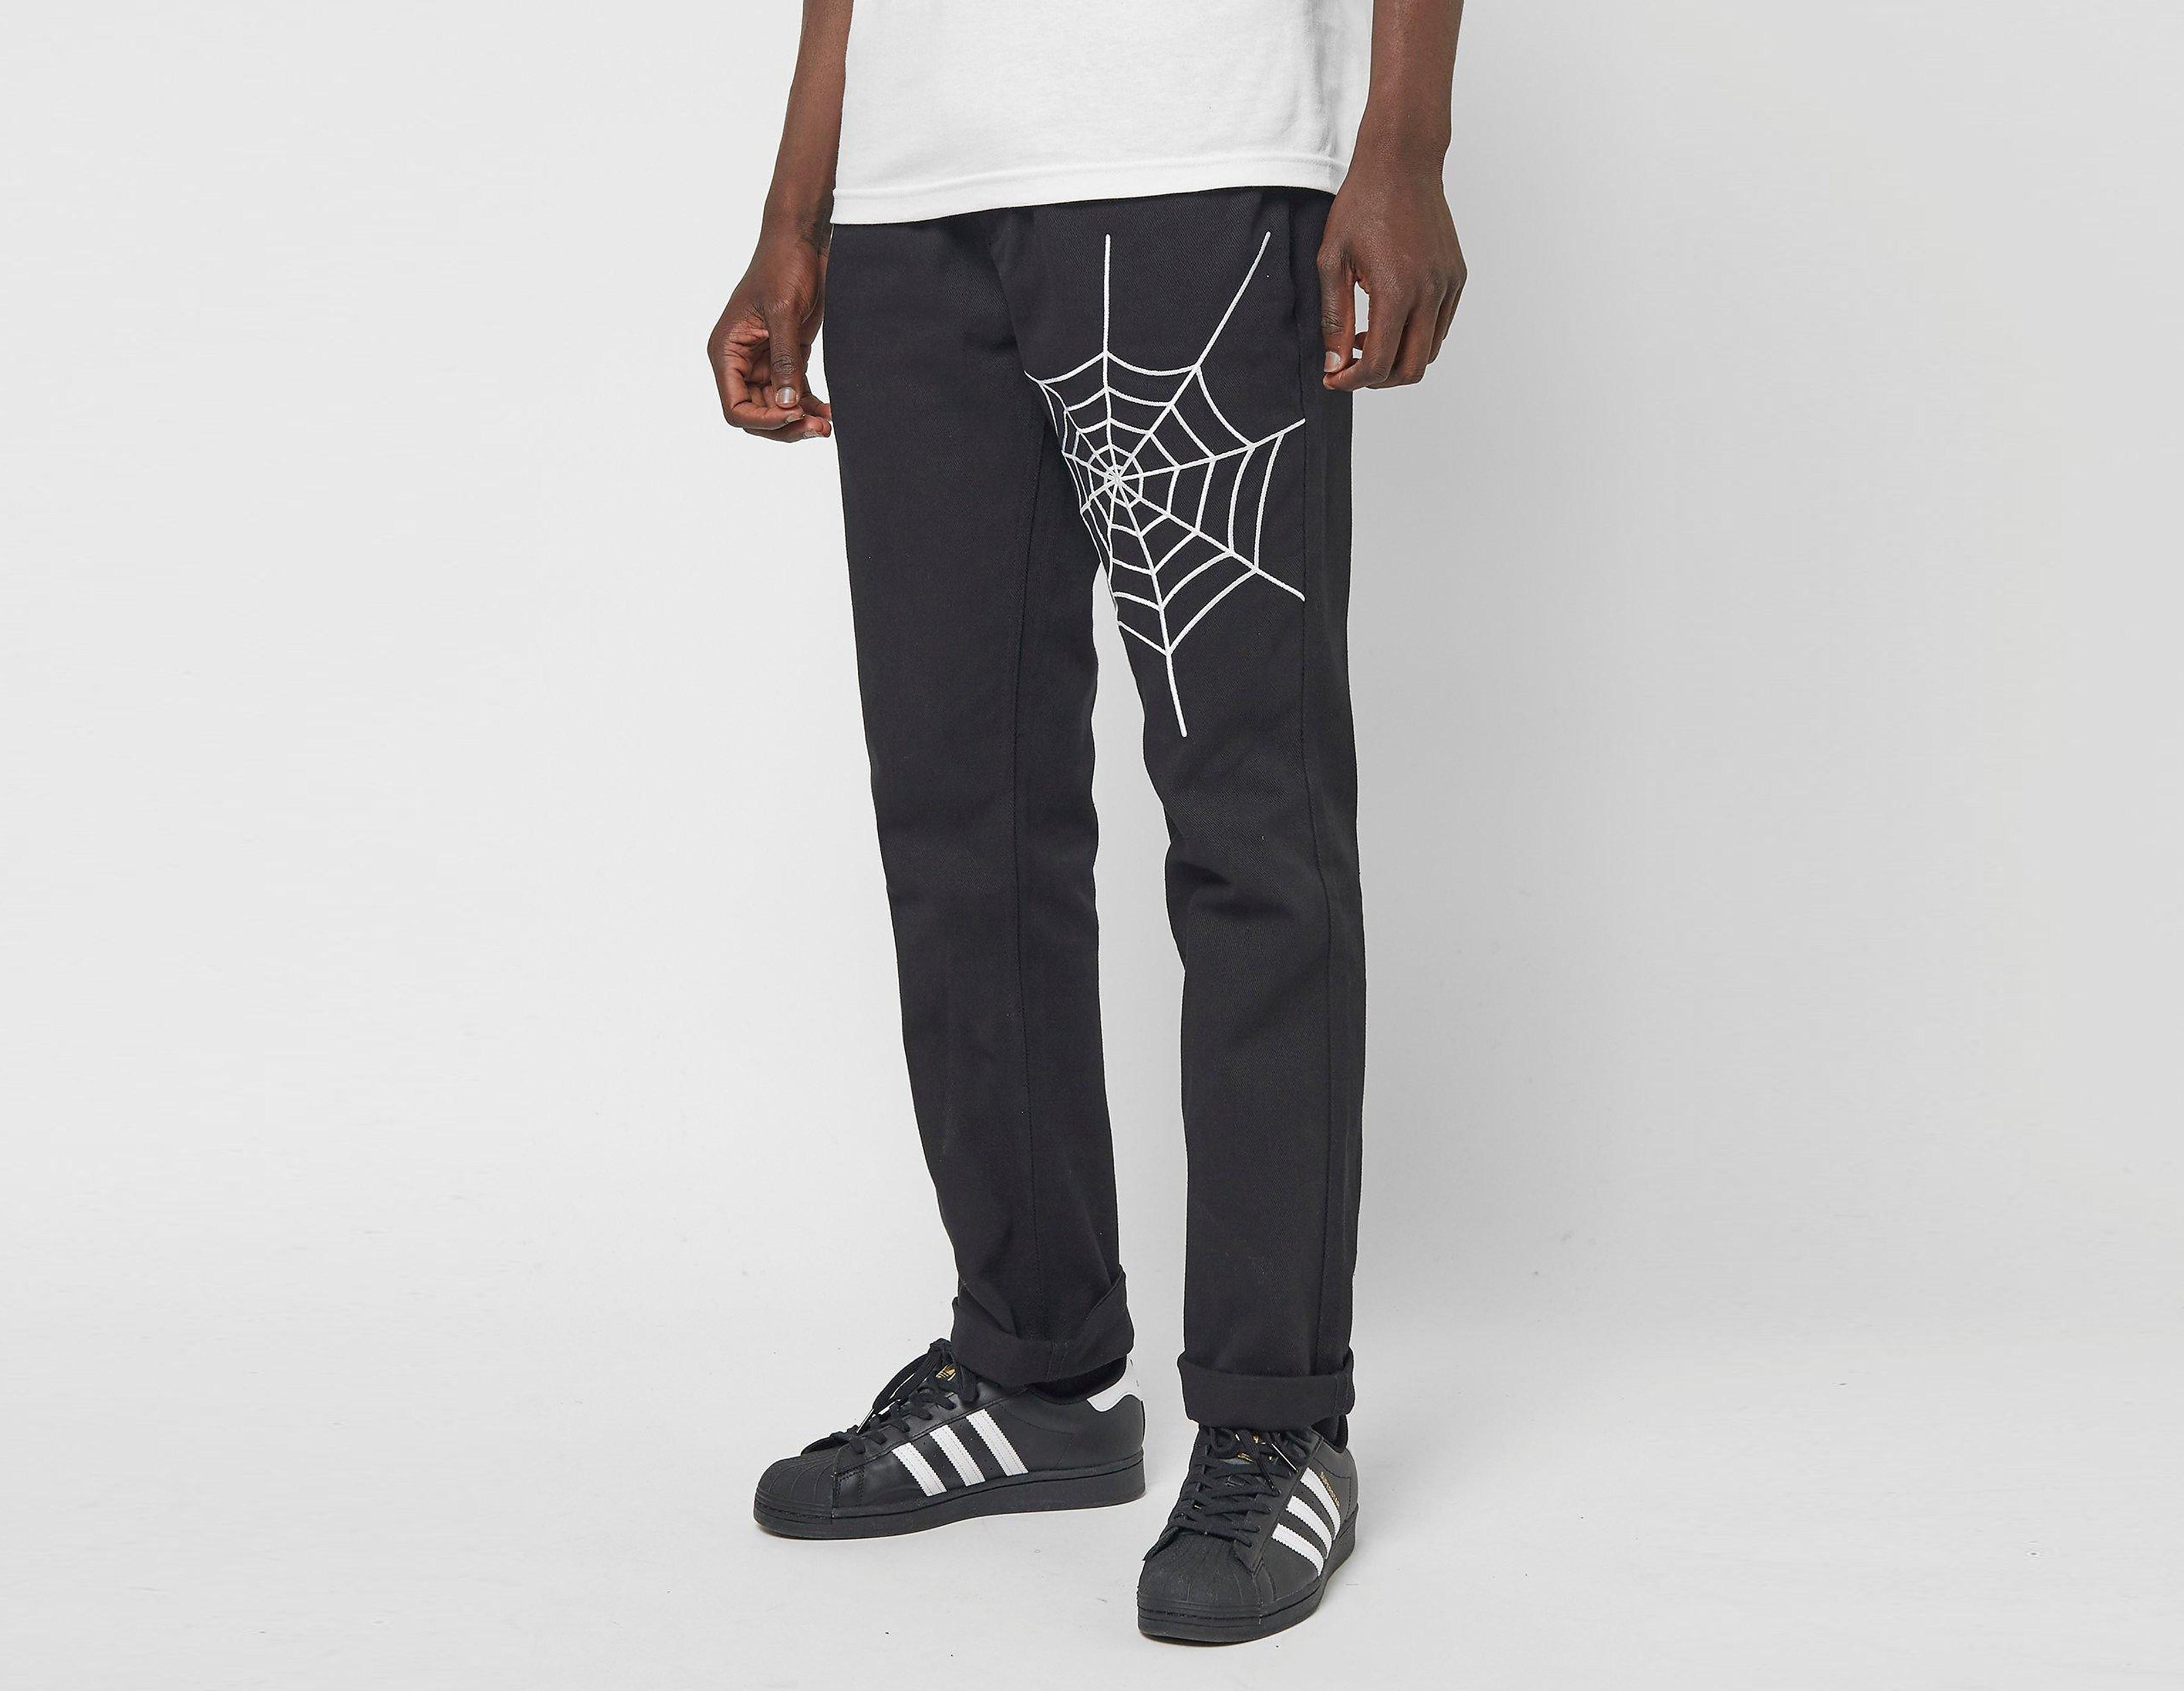 PLEASURES Pantalon Dozer Denim, noir